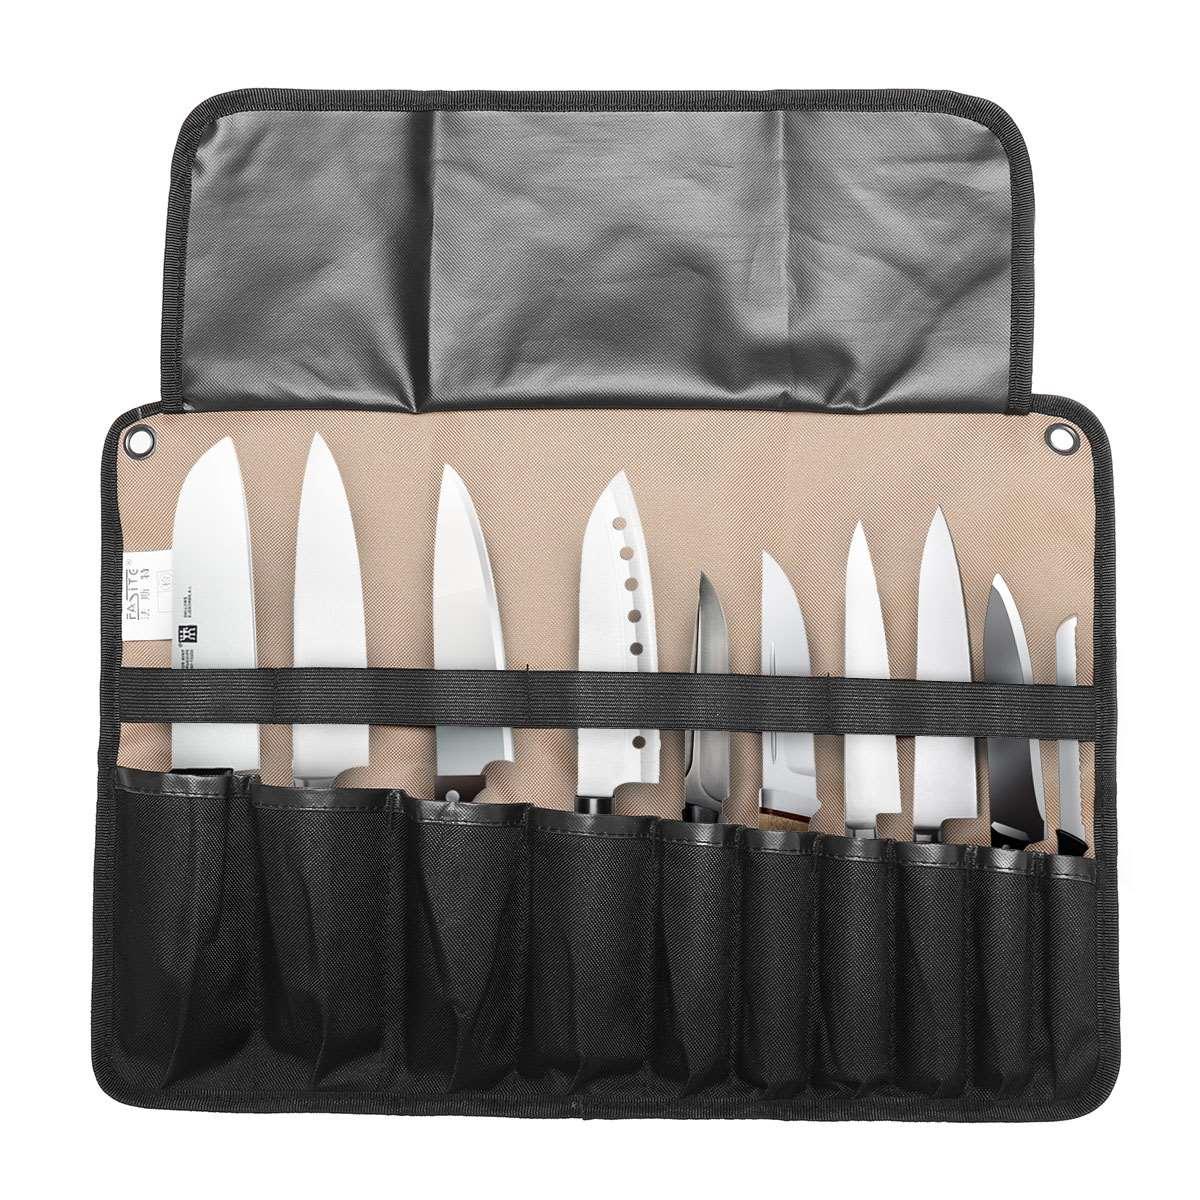 Best Knife Roll